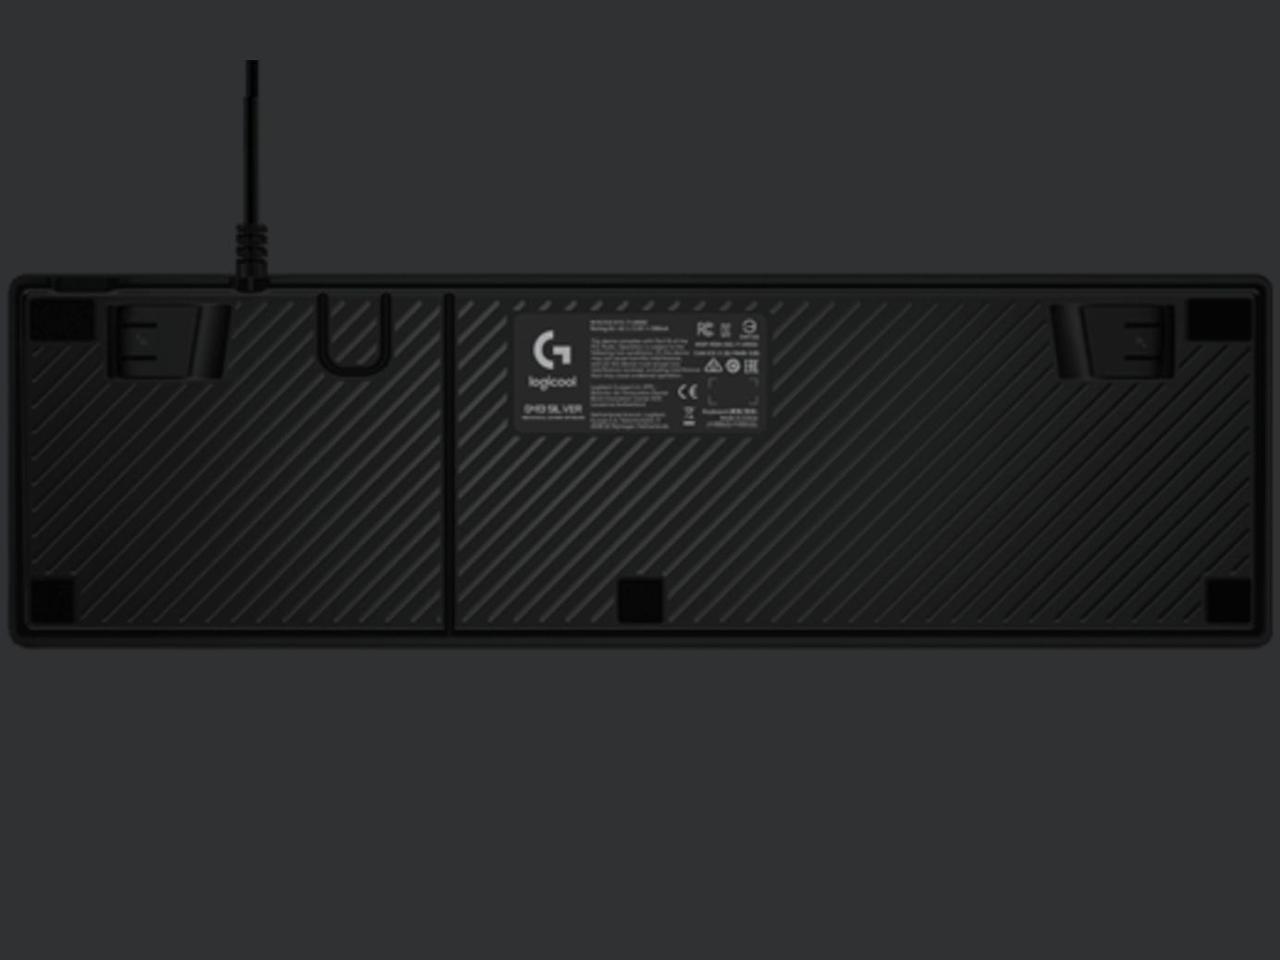 『本体 底面』 G413 Mechanical Gaming Keyboard G413rSV [シルバー] の製品画像